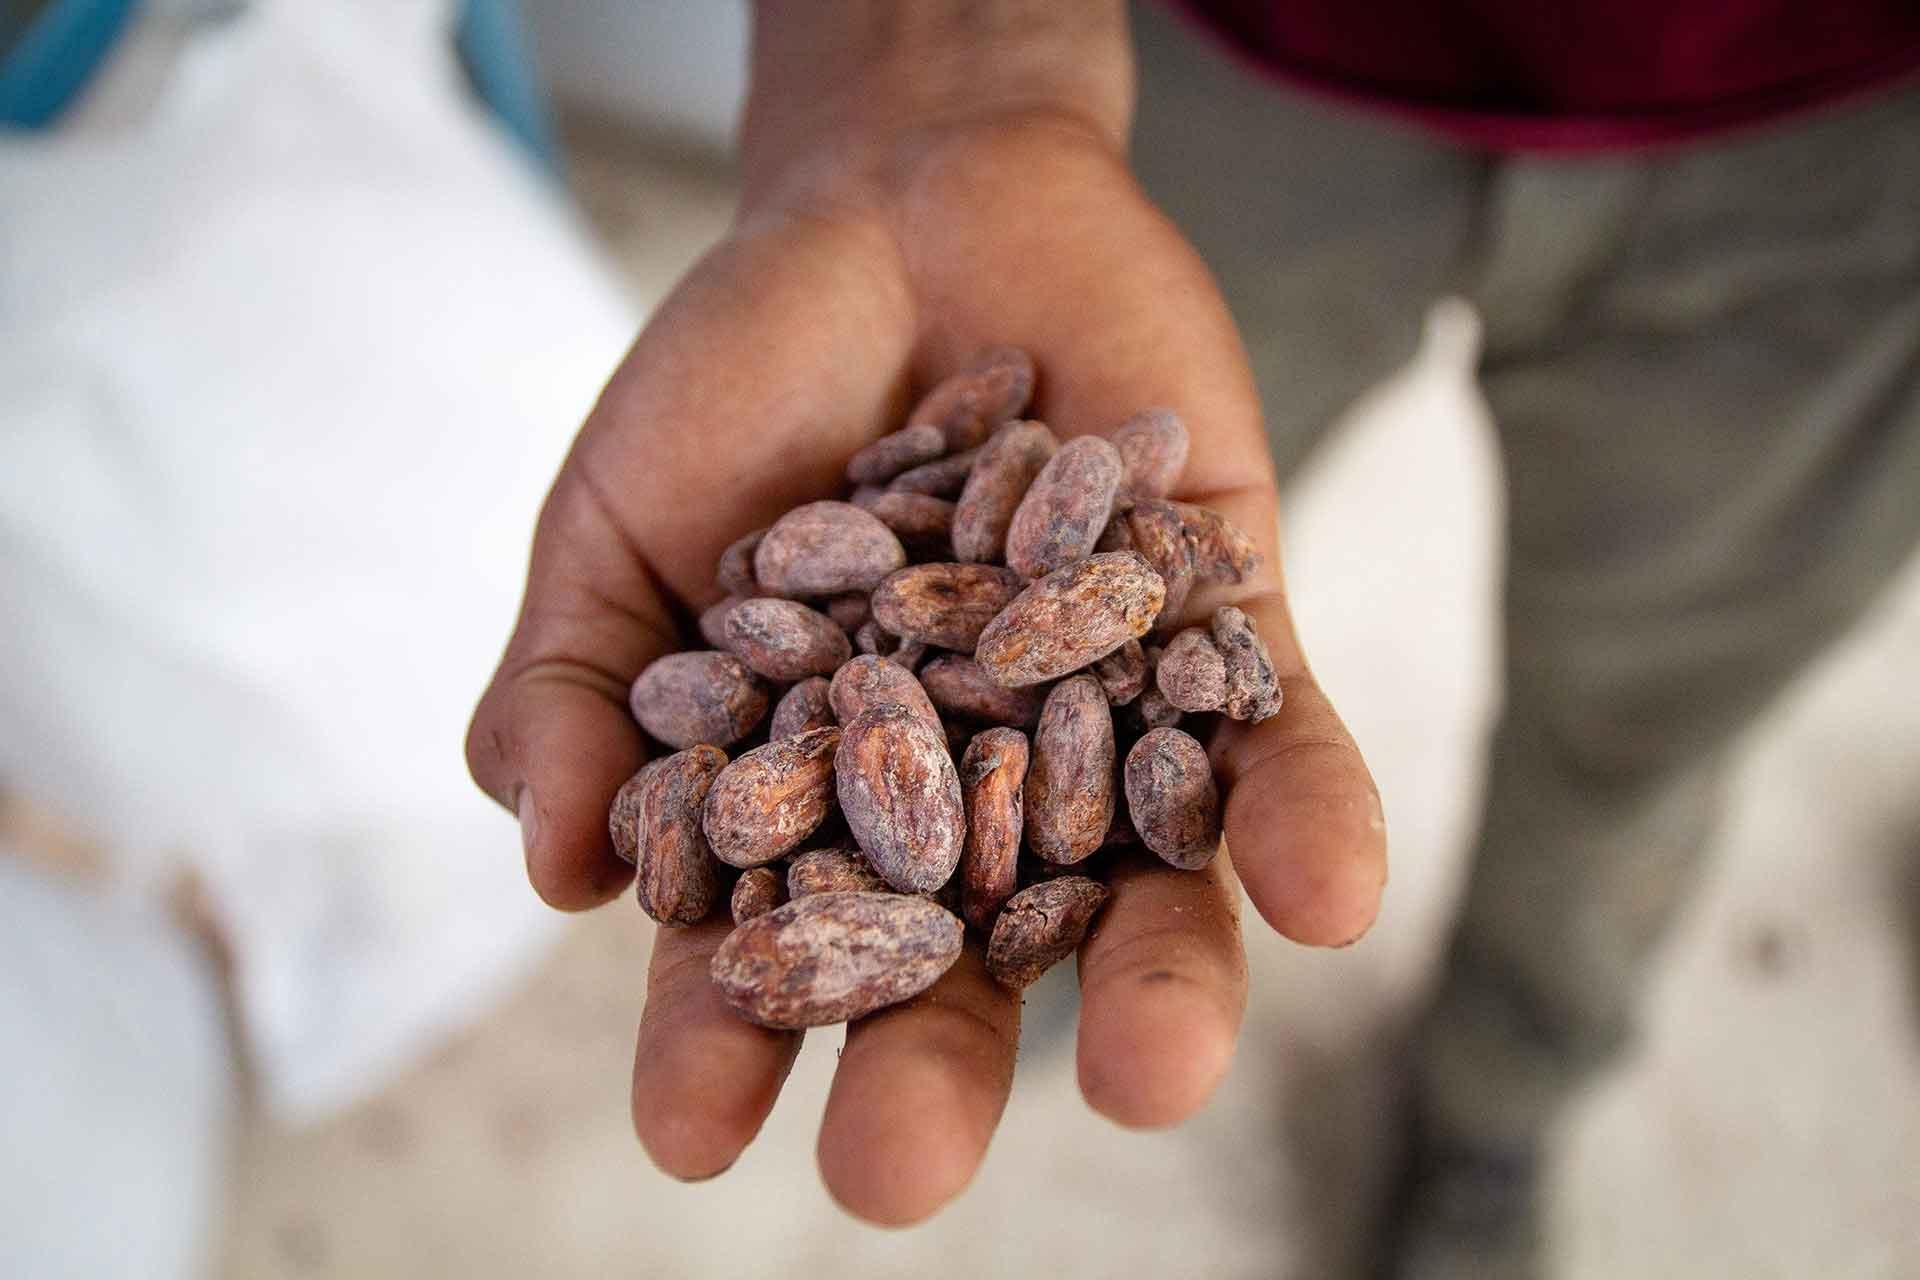 Kakao: Unterschiede und Ähnlichkeiten zwischen Kaffee und Kakao. CafCaf.de – Kaffee & Blog, Kaffeeblog